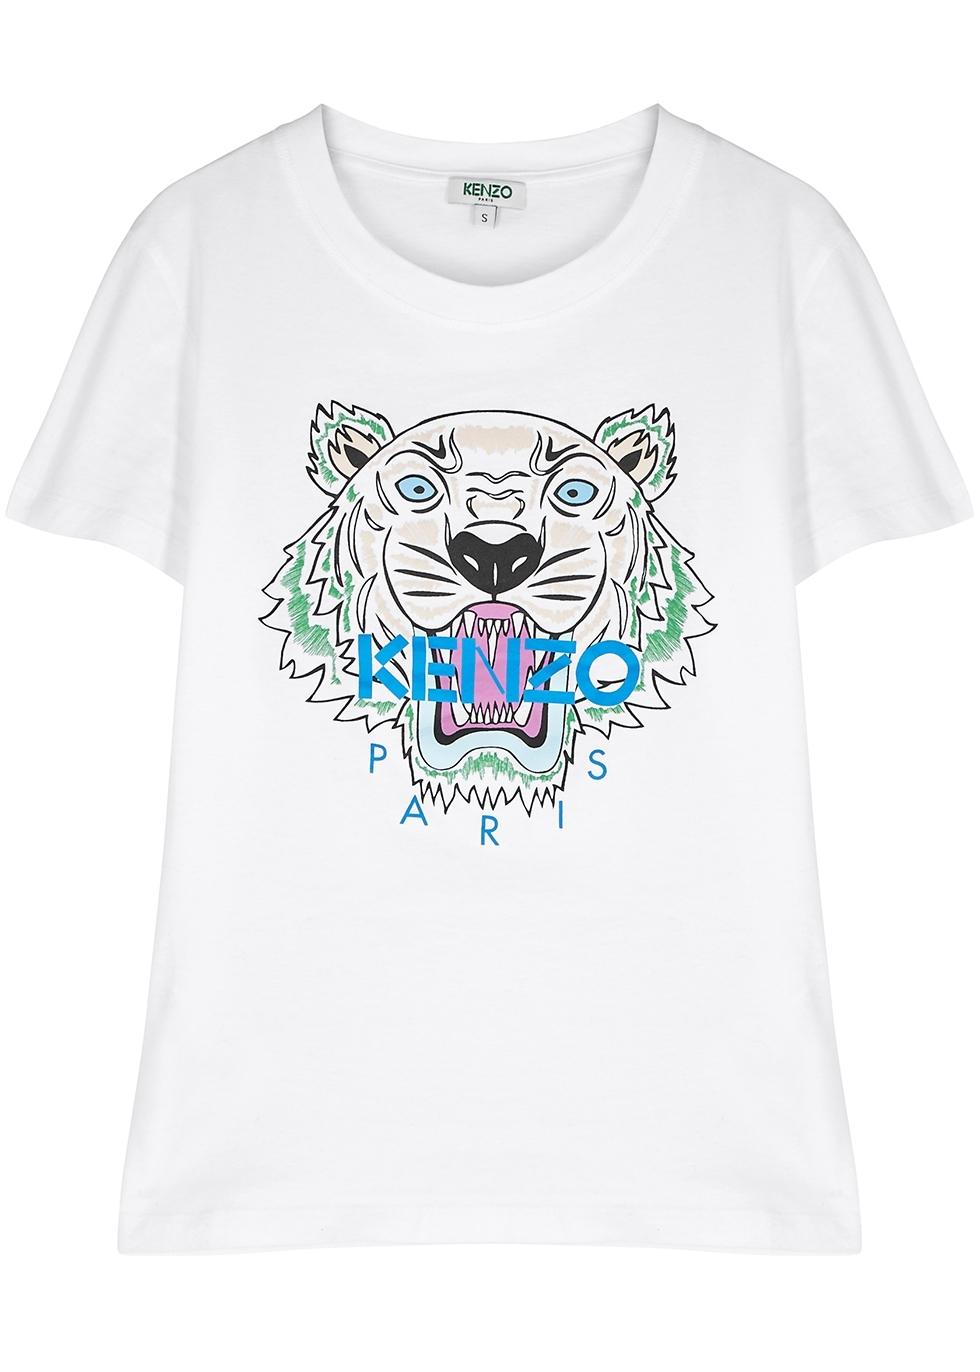 5e4229e1 Kenzo Black tiger-print cotton T-shirt - Harvey Nichols